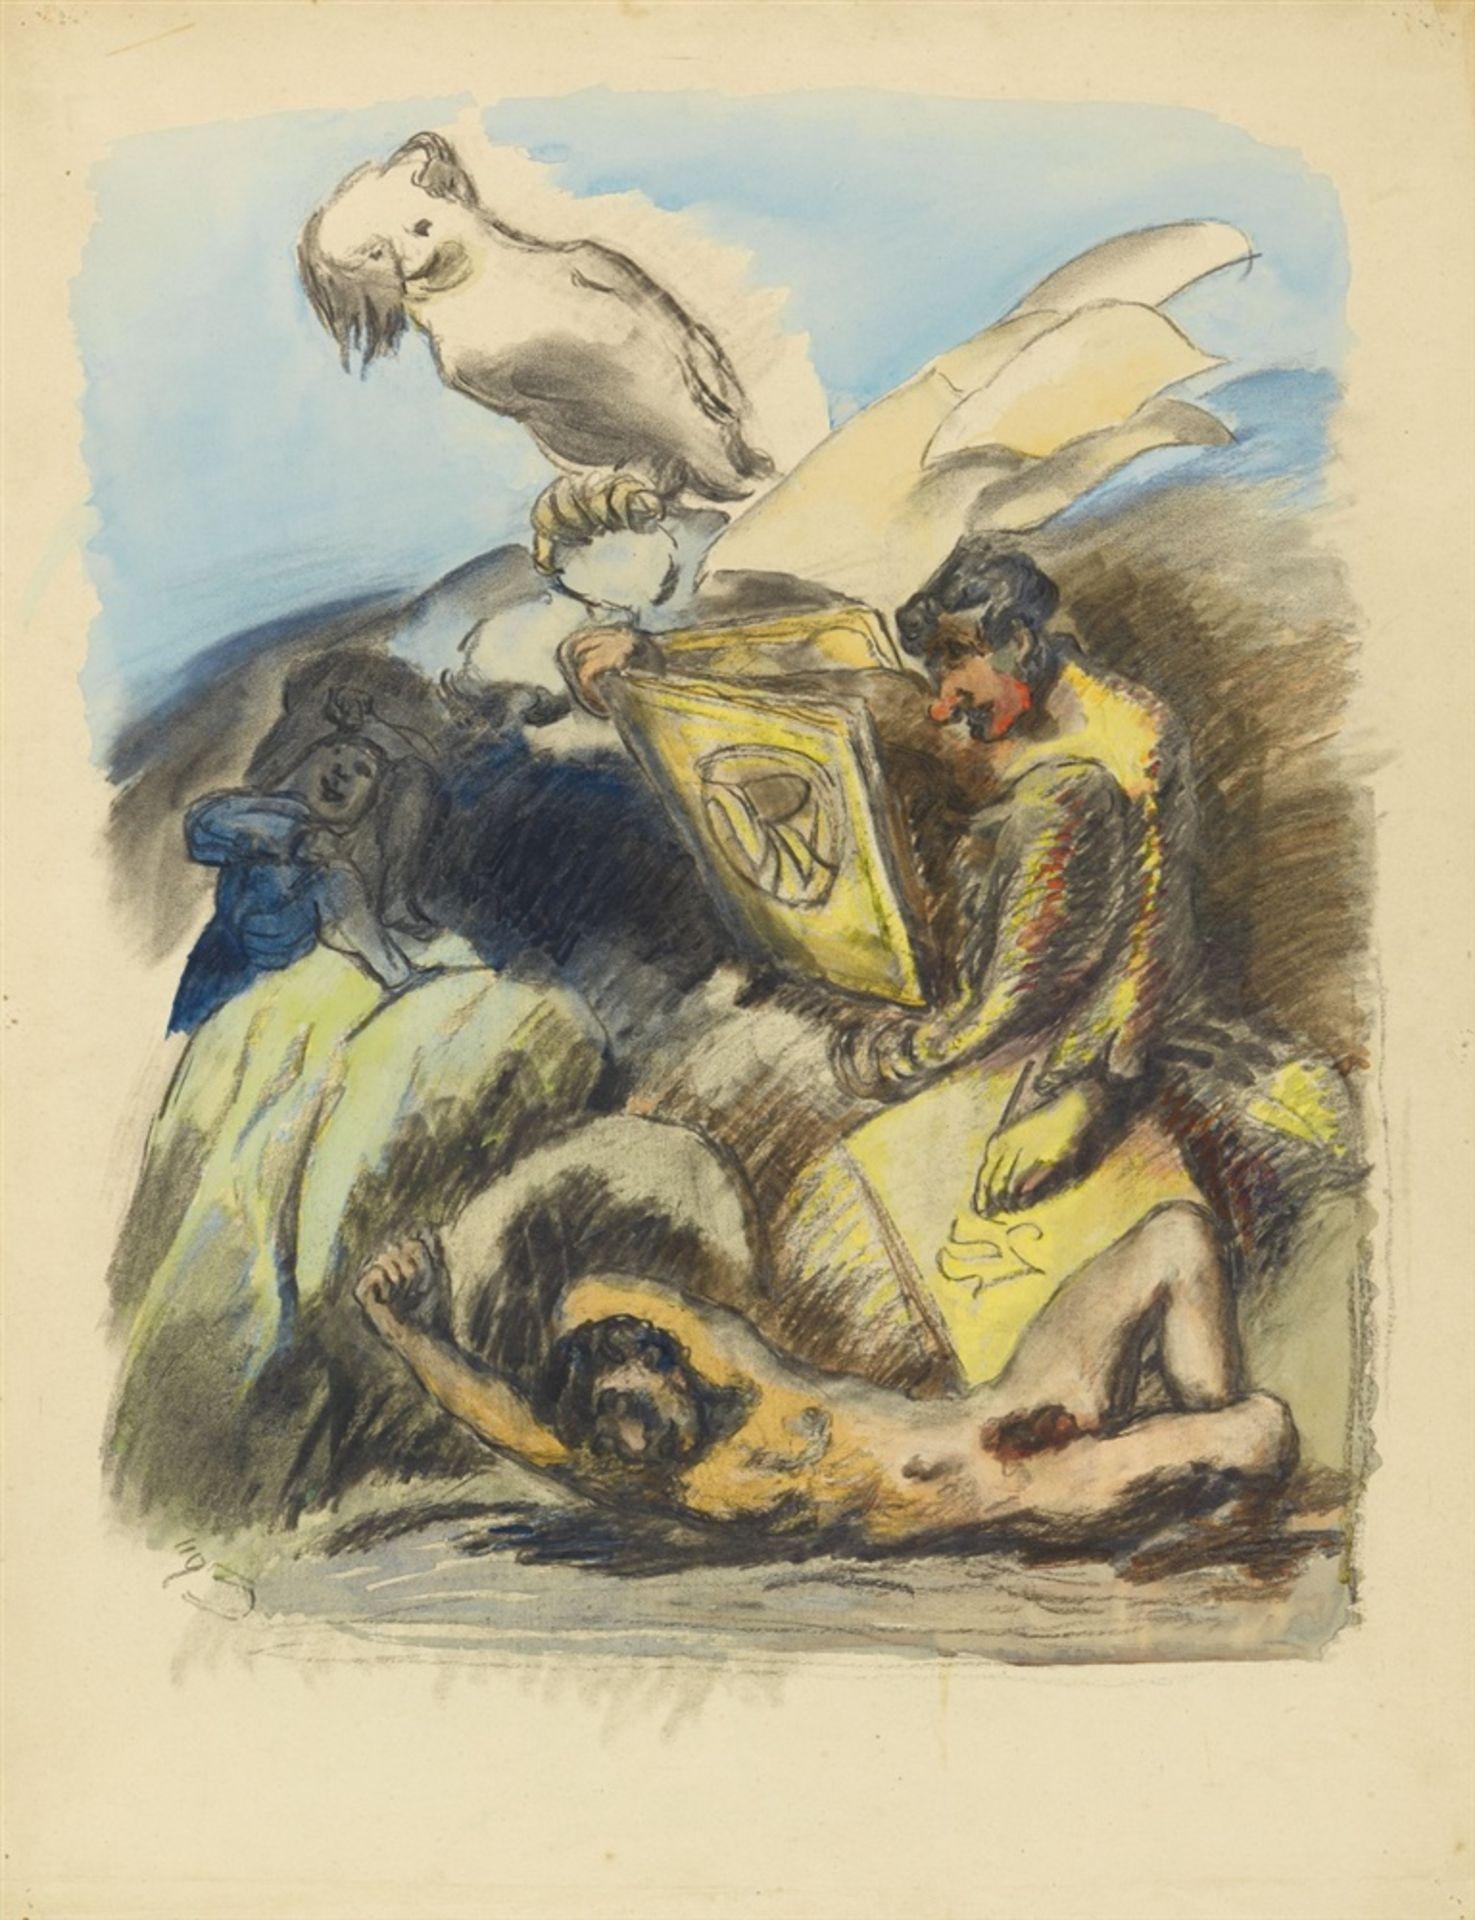 Ludwig MeidnerApokalyptische Komposition. Verso: Insektenszene